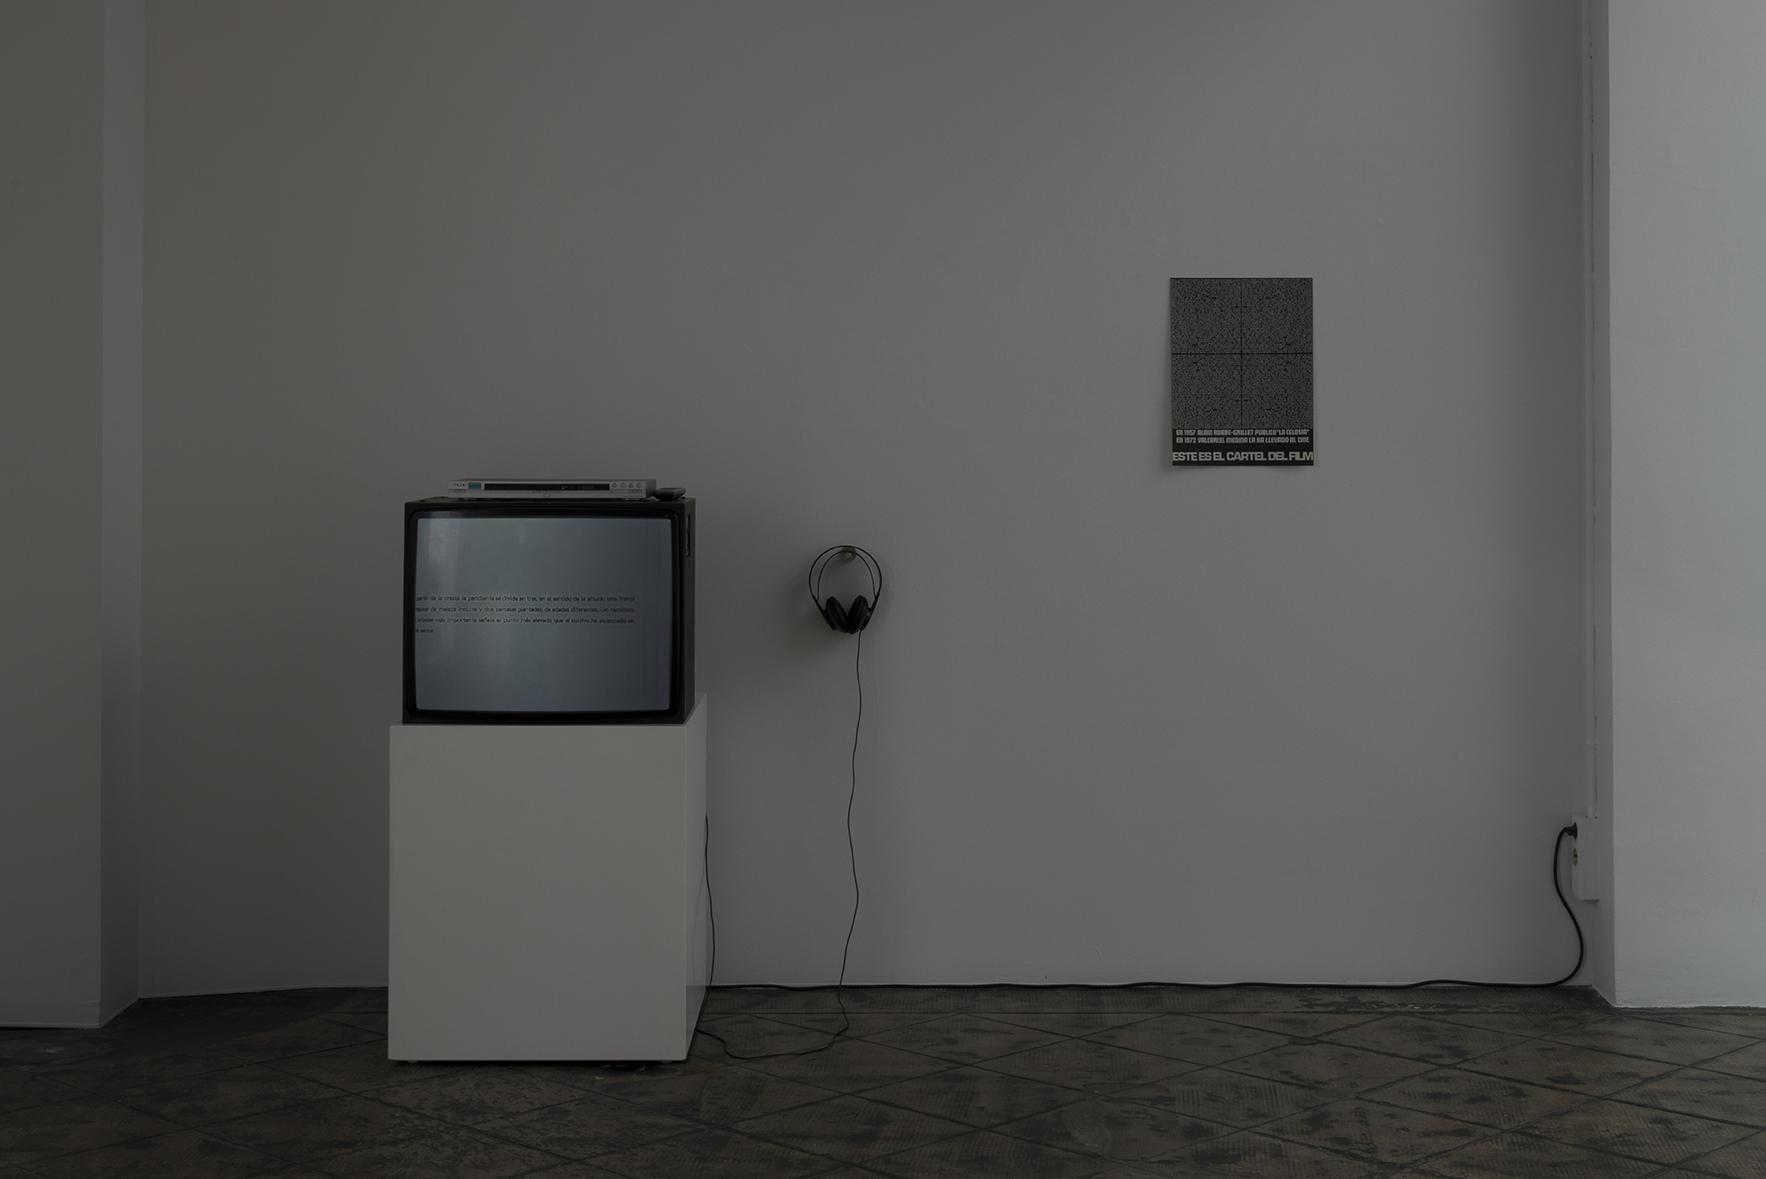 ISIDORO VALCÁRCEL MEDINA. La Celosía, 1972 | Close-Cropped Tales | ProjecteSD